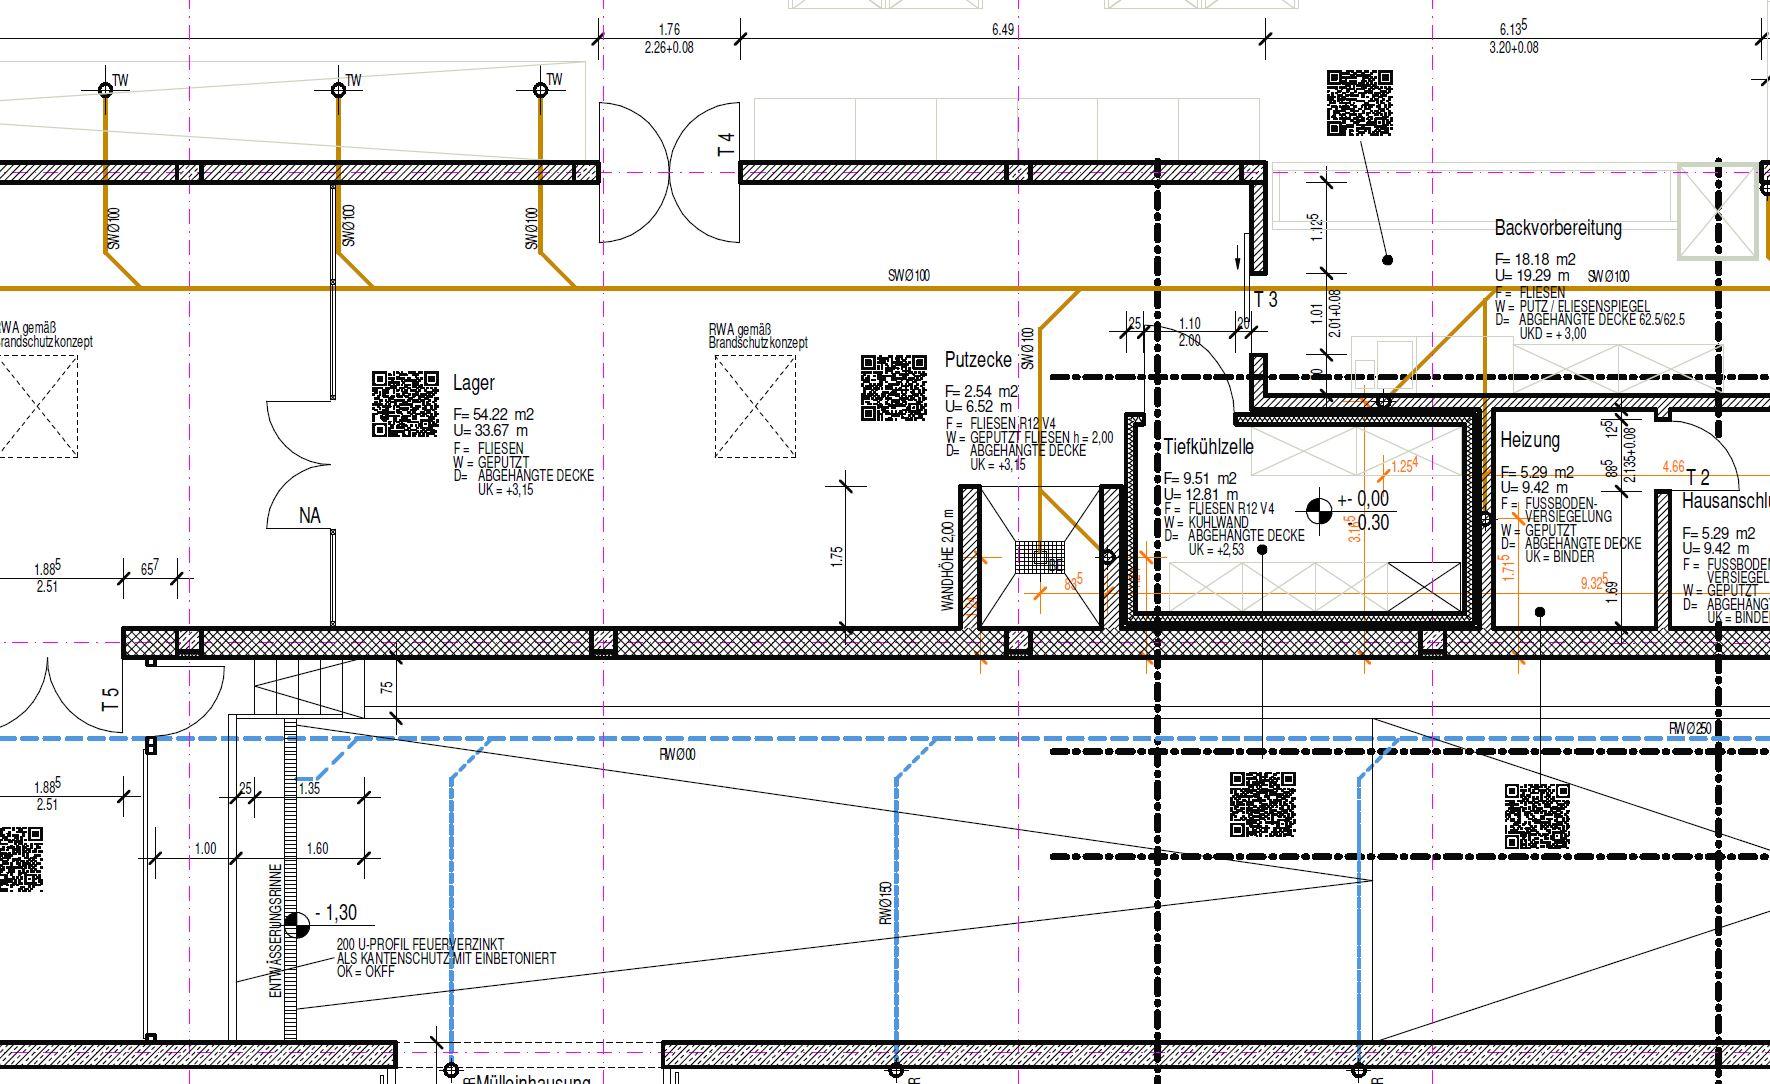 Via QR-Code alle relevanten Details zum Projekt sichten